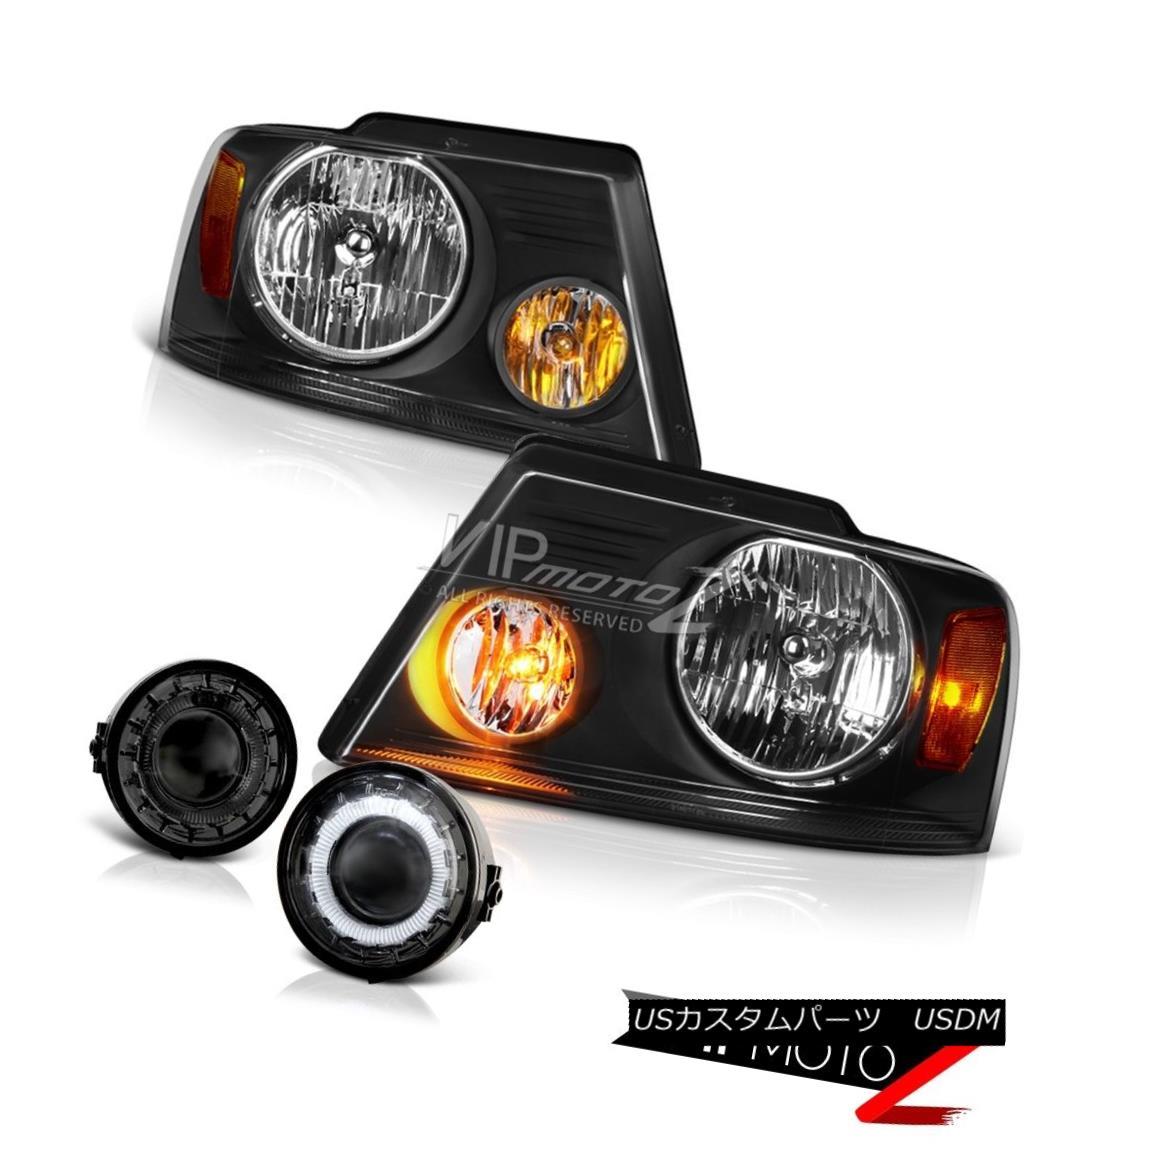 ヘッドライト 2006 2007 2008 F150 PickUp Black Headlights+Halo Ring Projector Fog Lights Combo 2006 2007 2008 F150ピックアップブラックヘッドライト+ Hal  oリングプロジェクターフォグライトコンボ